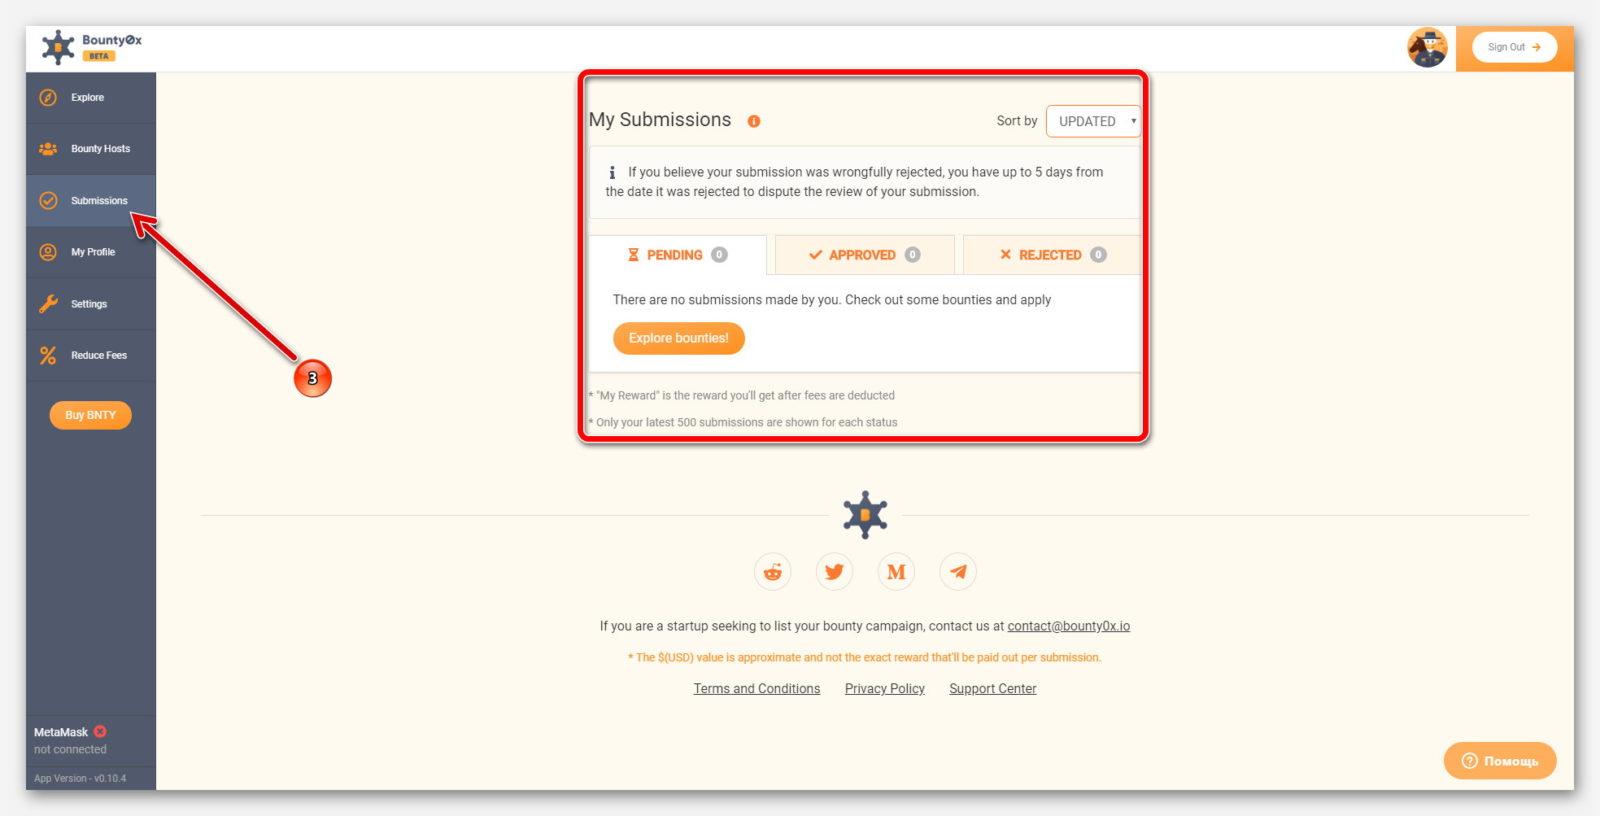 Bounty кампании ожидающие подтверждение, на платформе Bounty0x